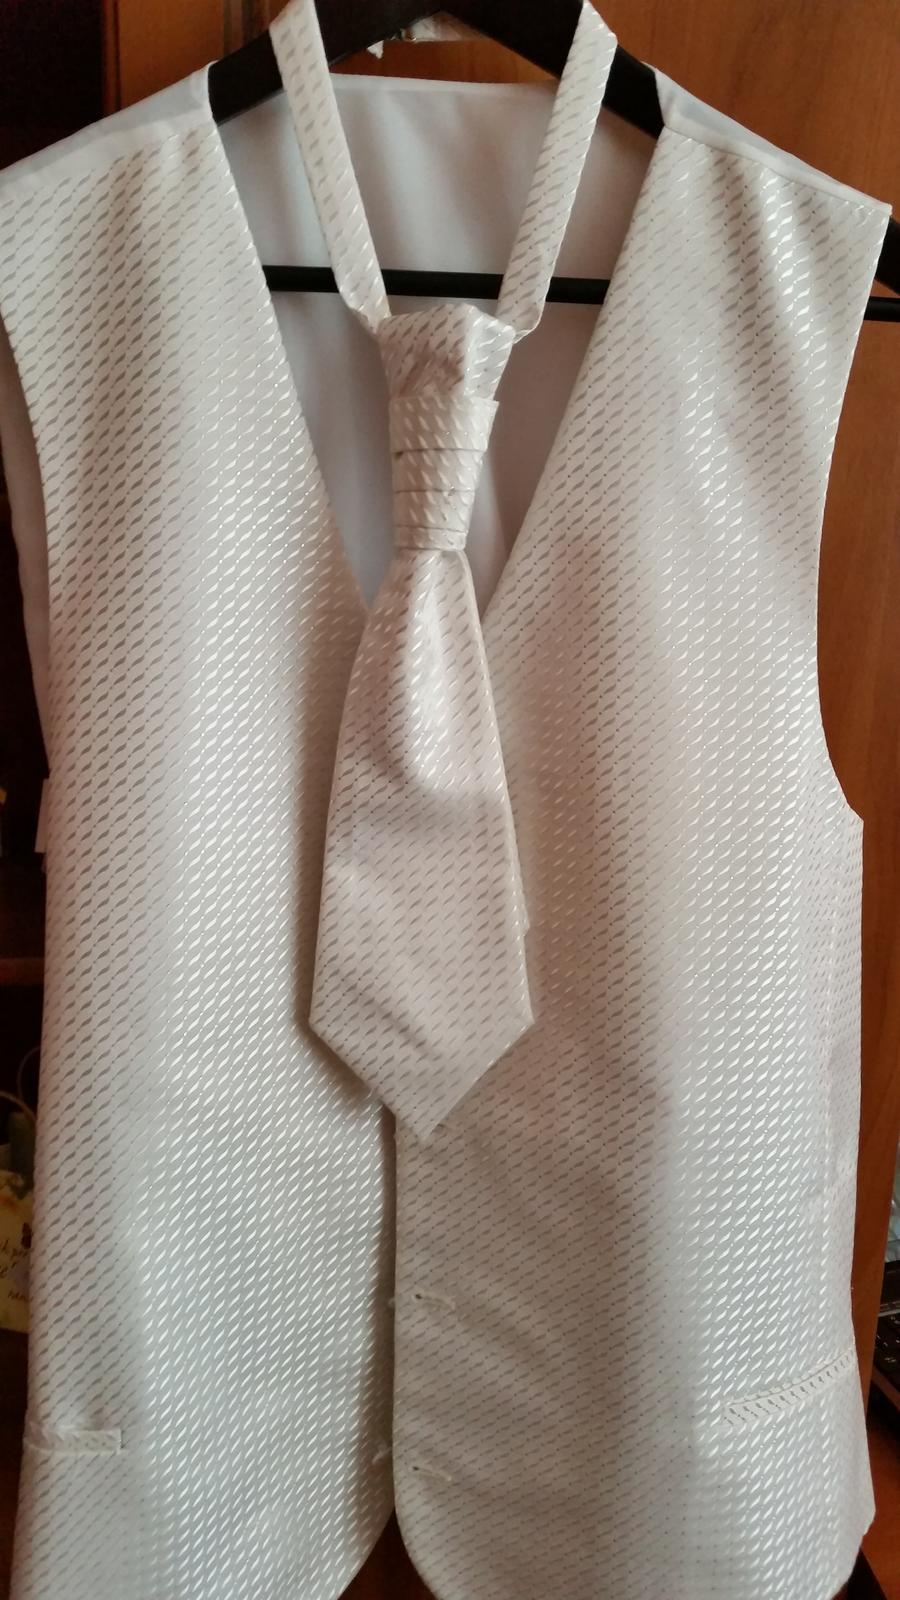 e338c7f17 Svadobna vesta +kravata+vreckovka pre zenicha, 58 - 25 € | Svadobný bazár |  Mojasvadba.sk